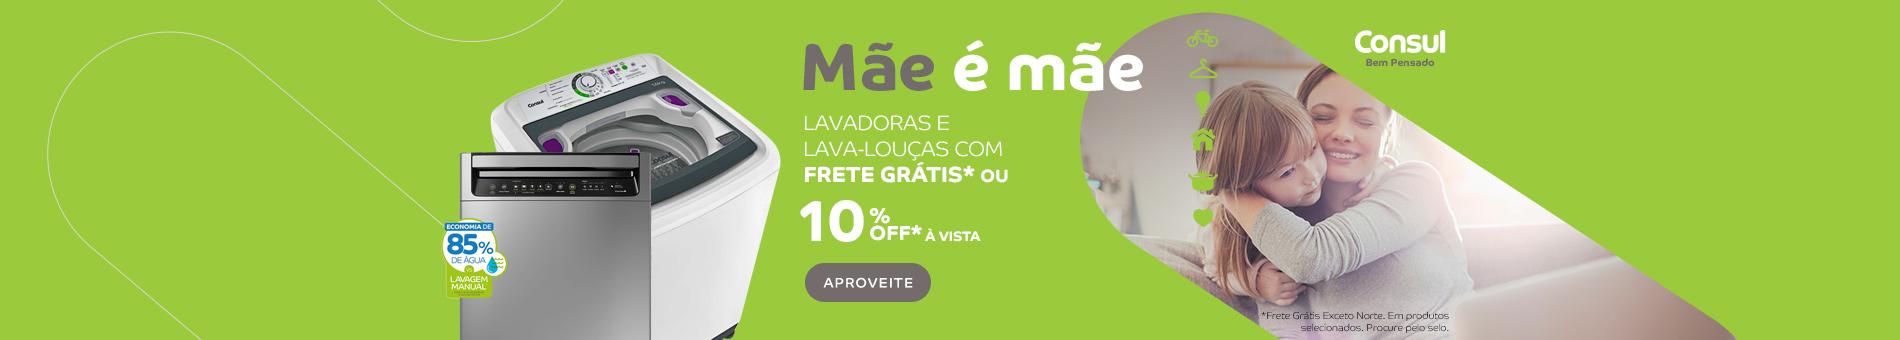 Promoção Interna - 1641 - mae_lavas-freteou10vista_24032017_home3 - lavas-freteou10vista - 3